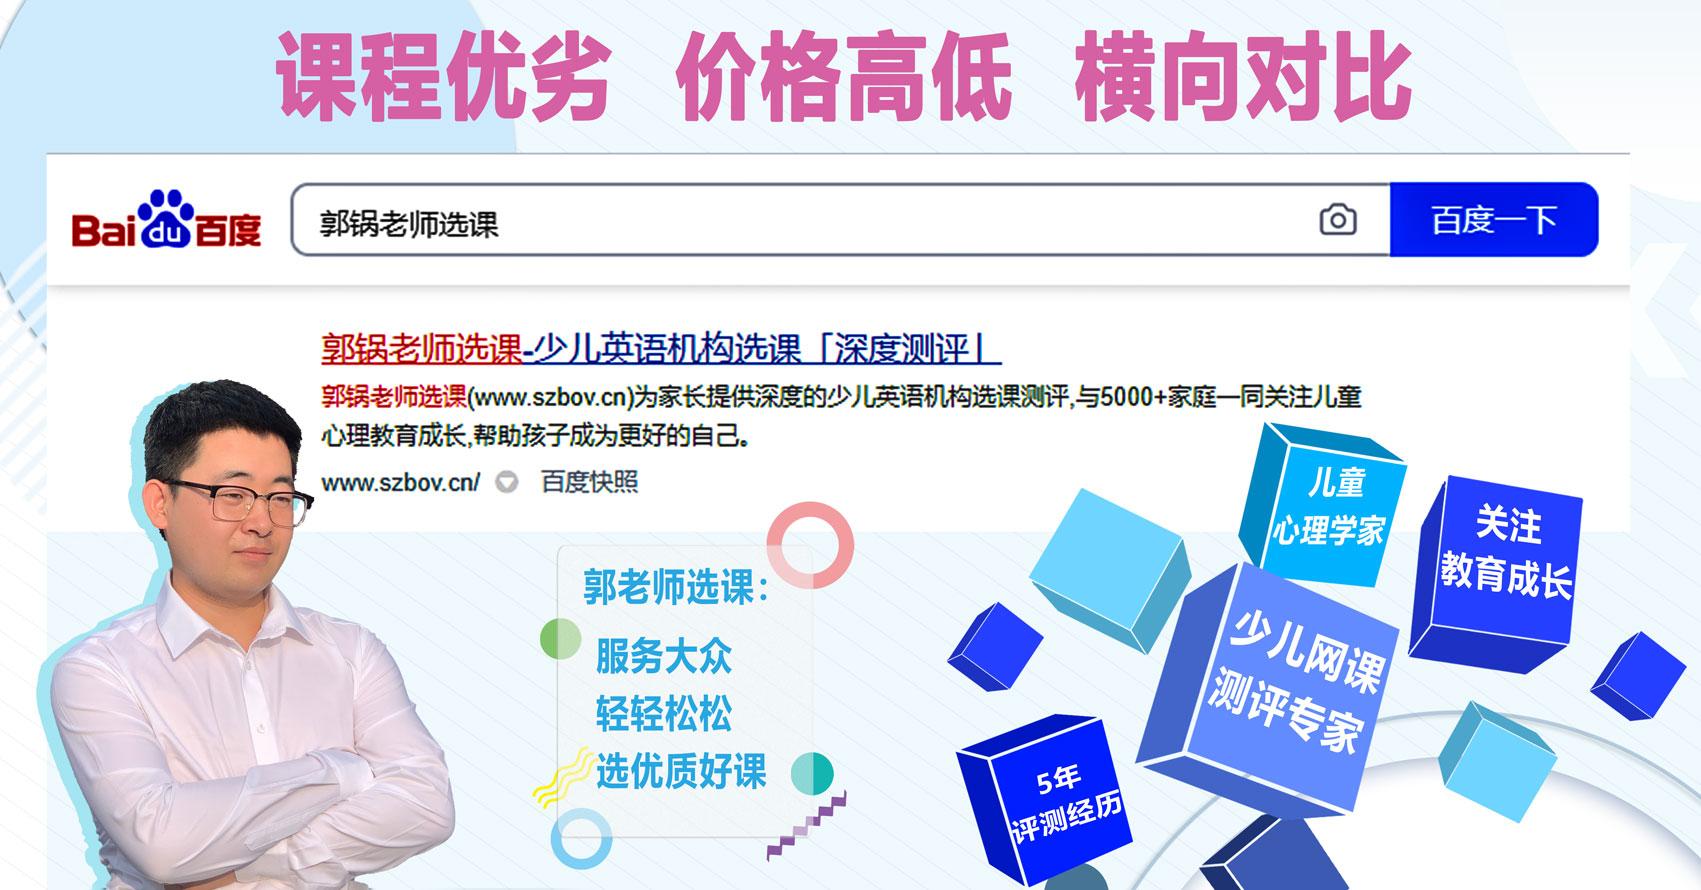 郭锅老师有料说:关注孩子心理发展,给孩子更好的爱与教育